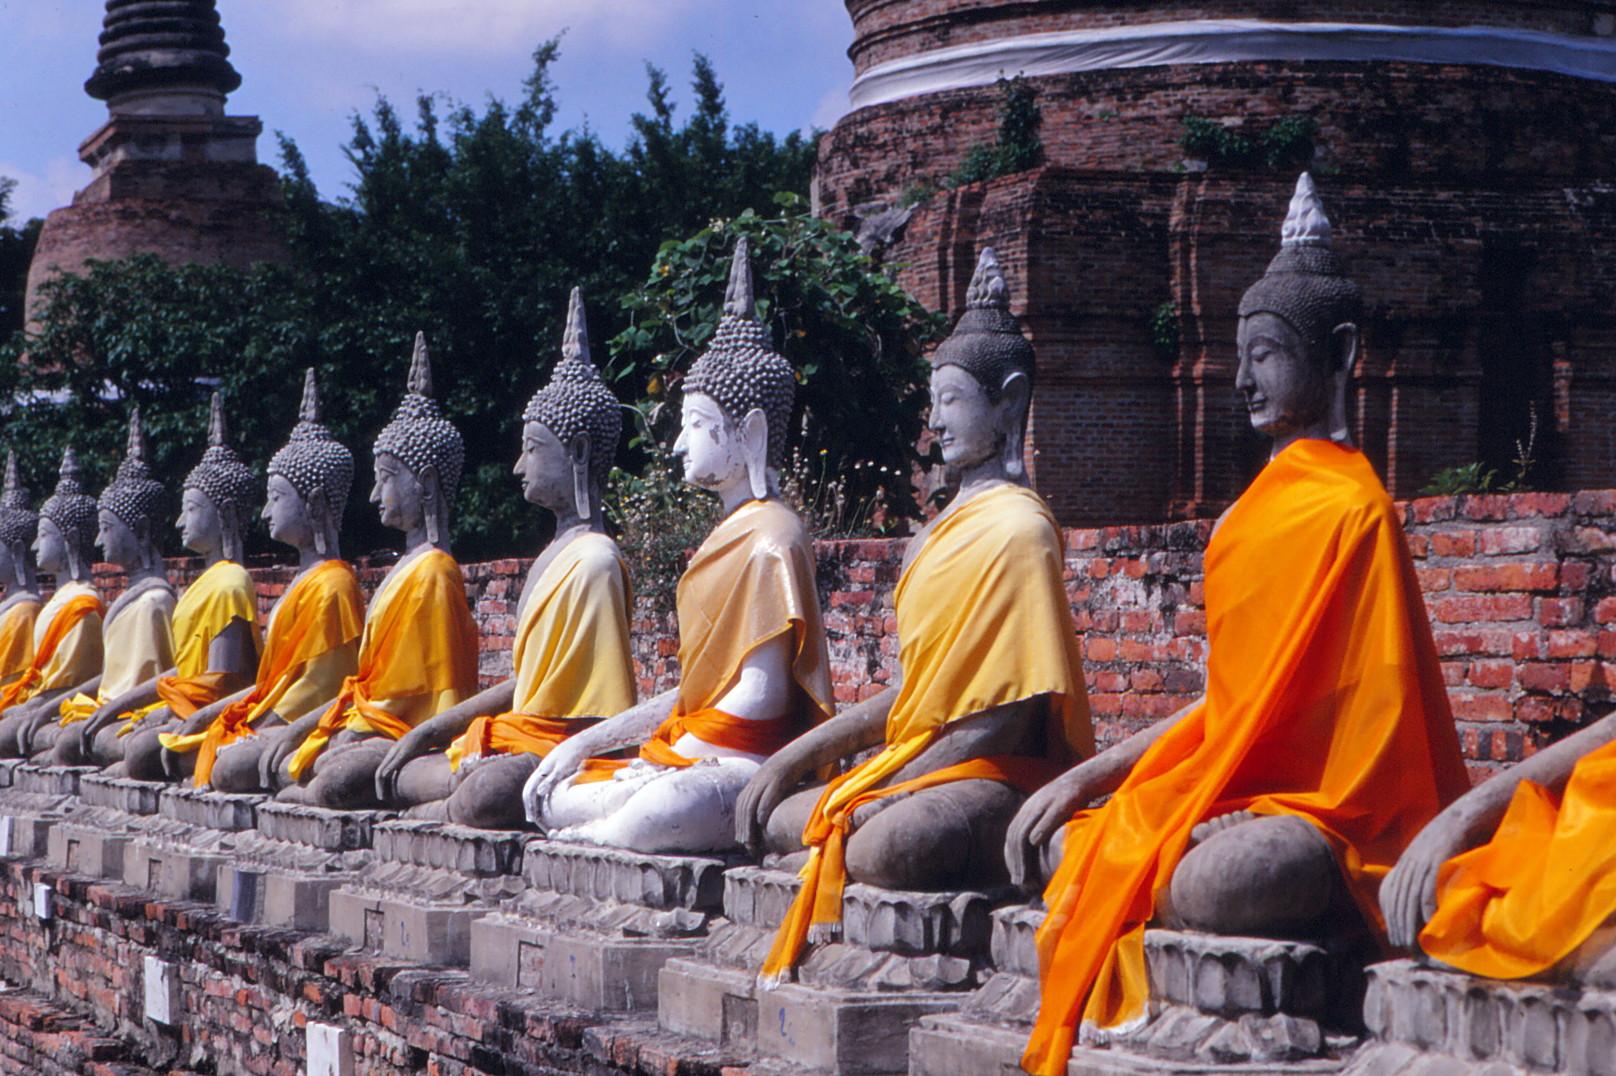 buddhas in Thailand